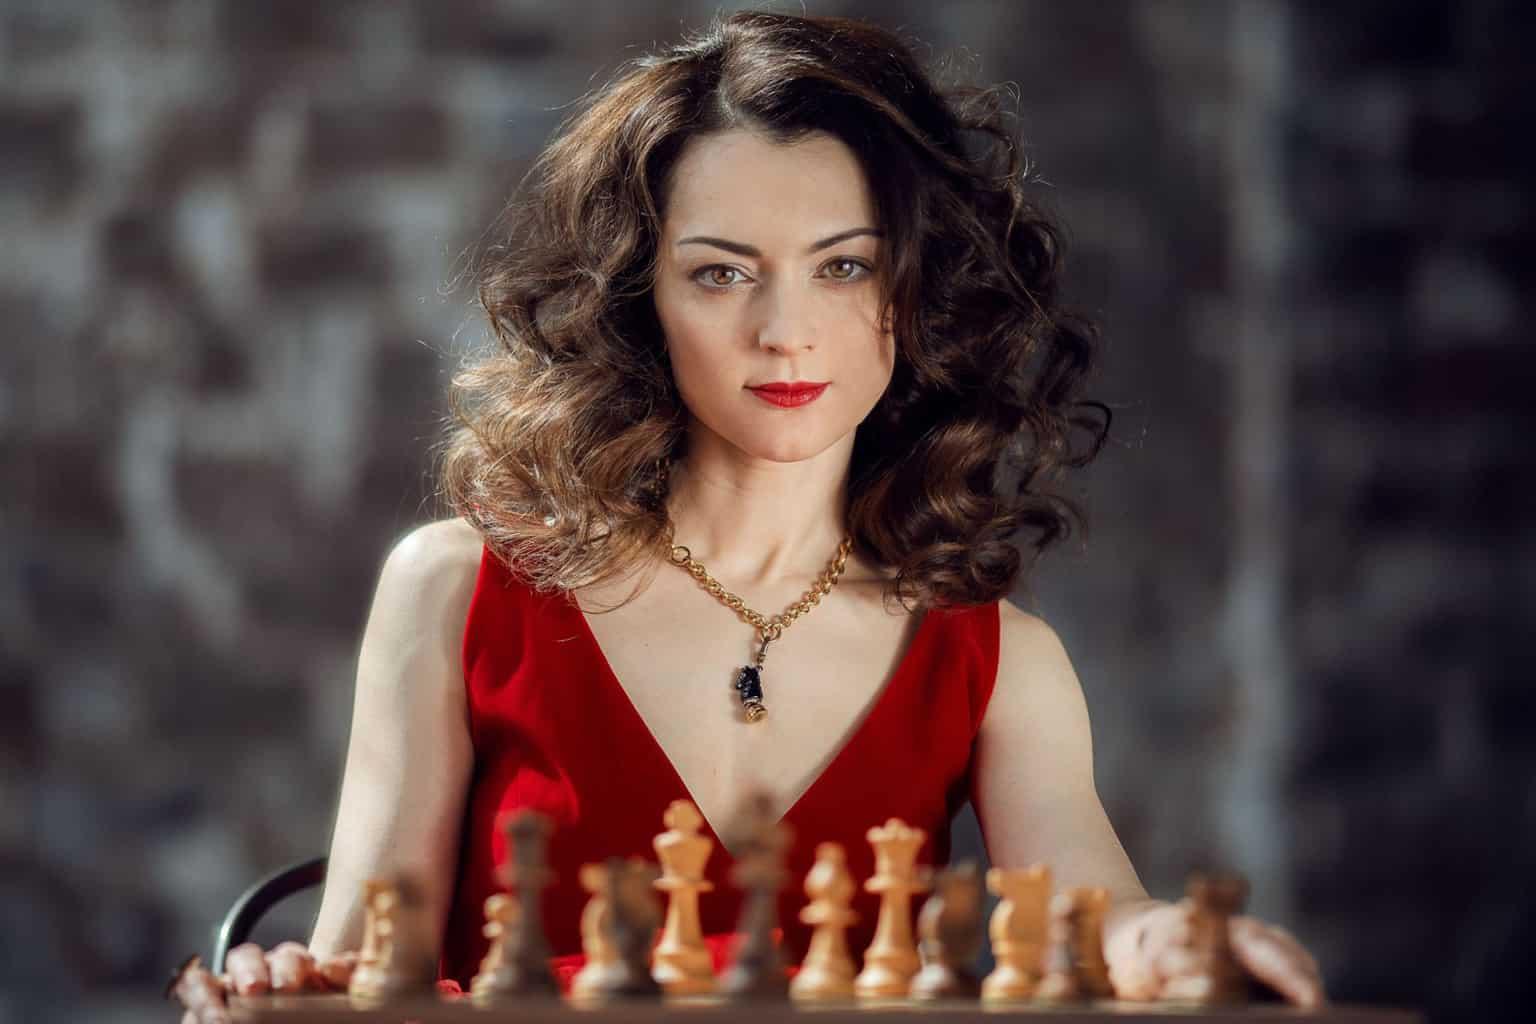 Шахматная королева:«Форму сборной мы не сможем надевать, потому что на ней национальный герб»